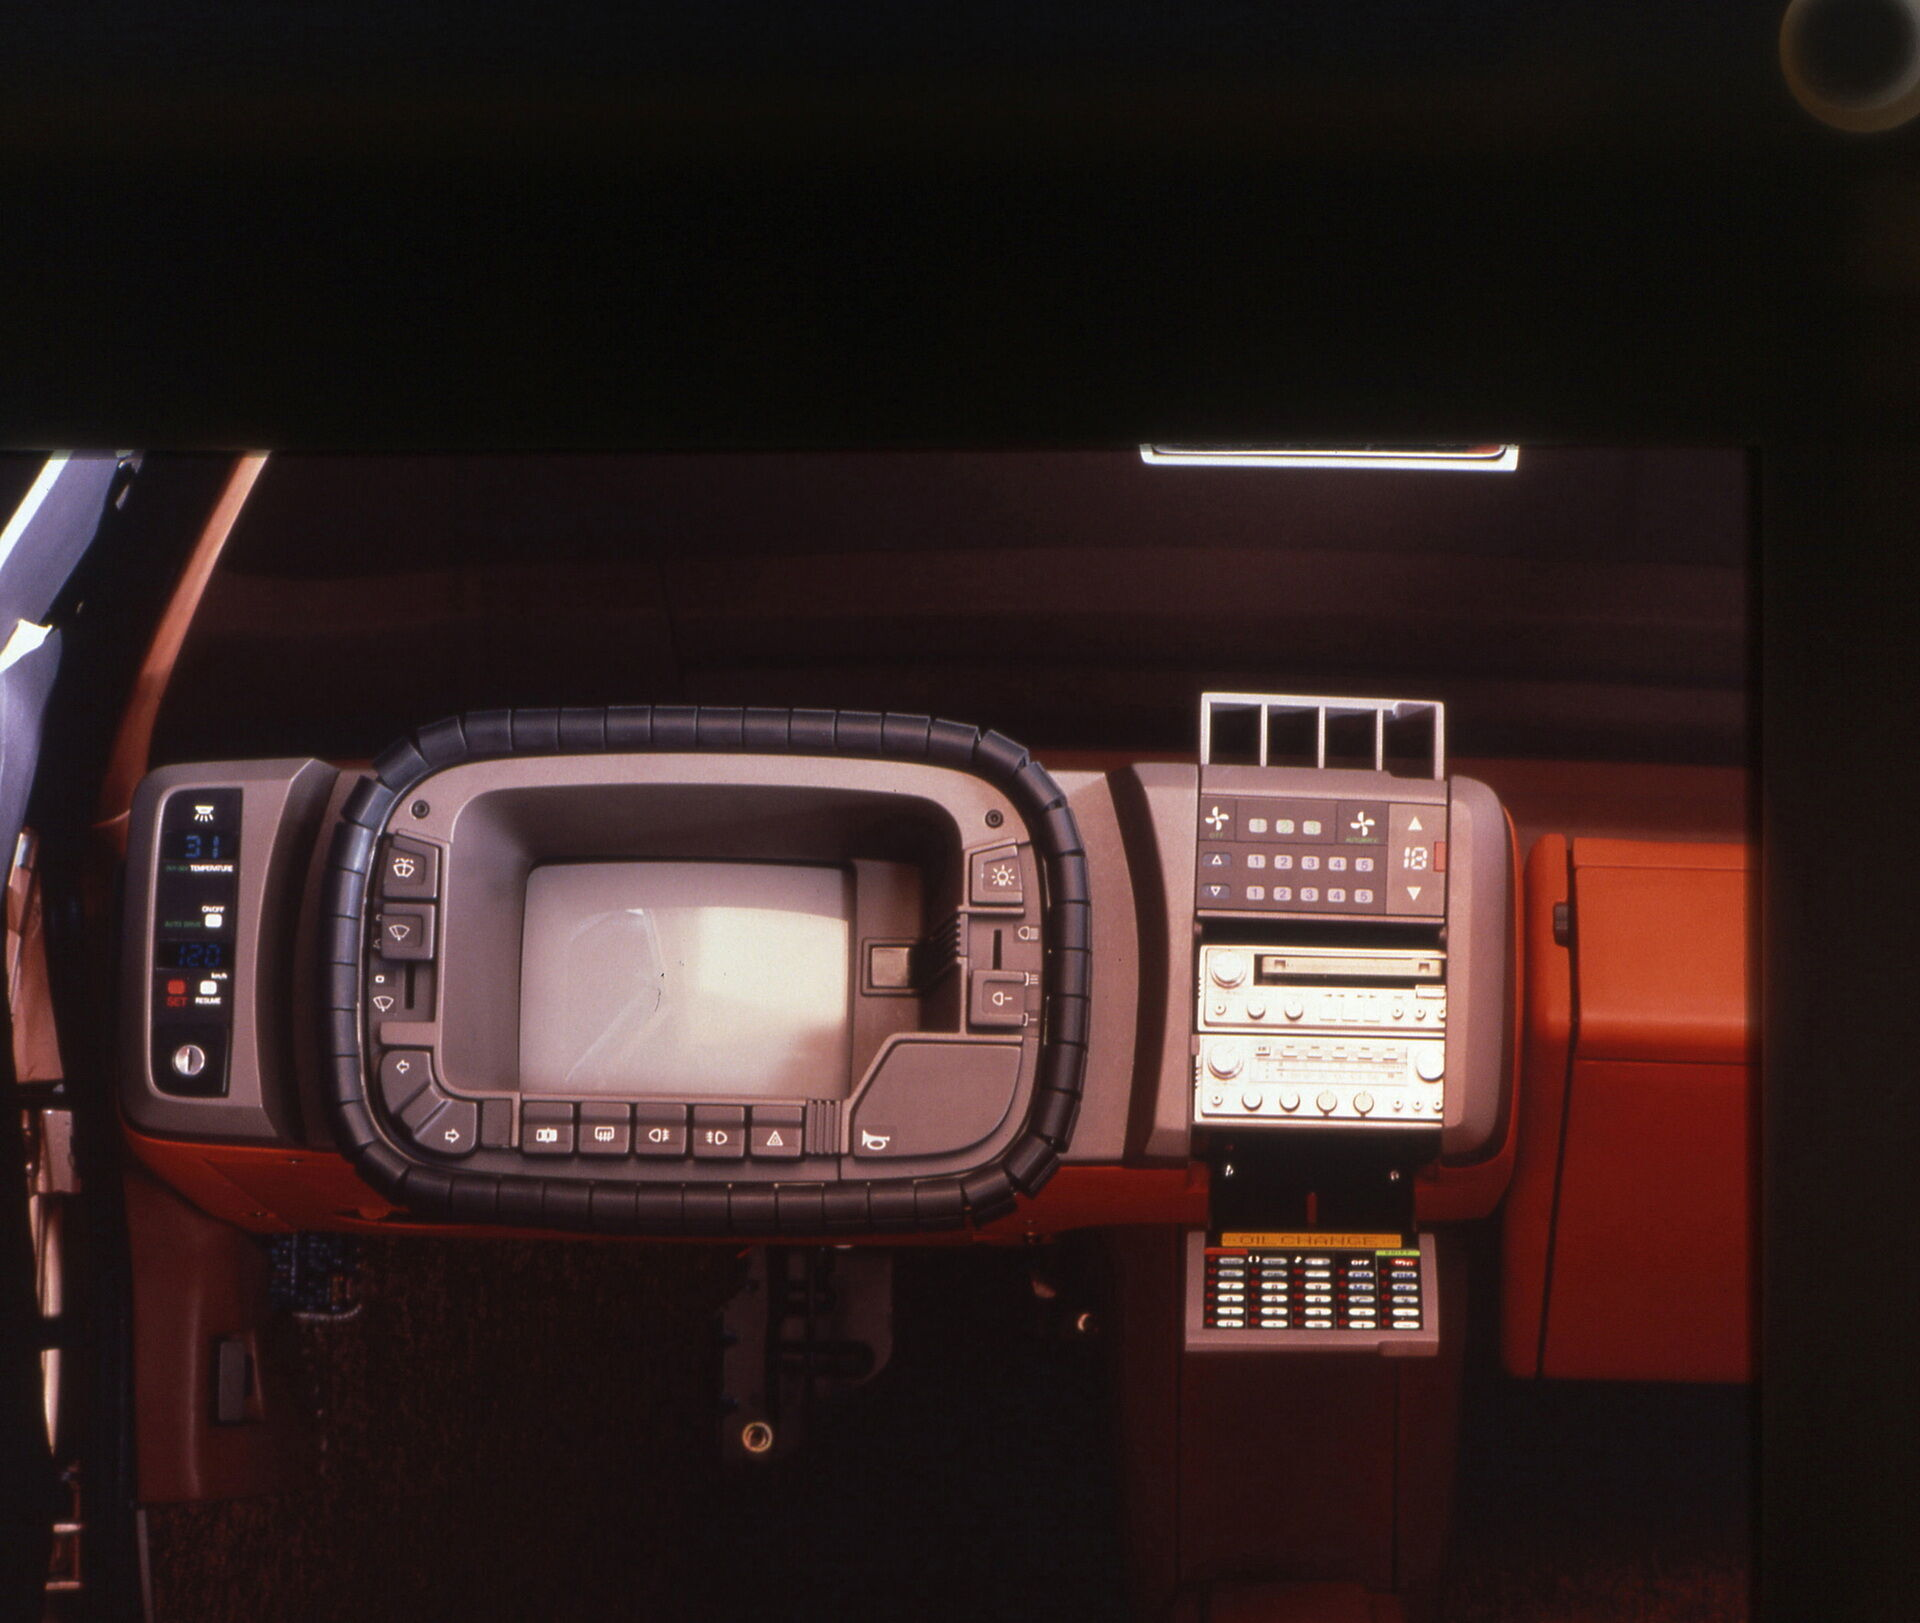 Приборная панель MX-81 Aria